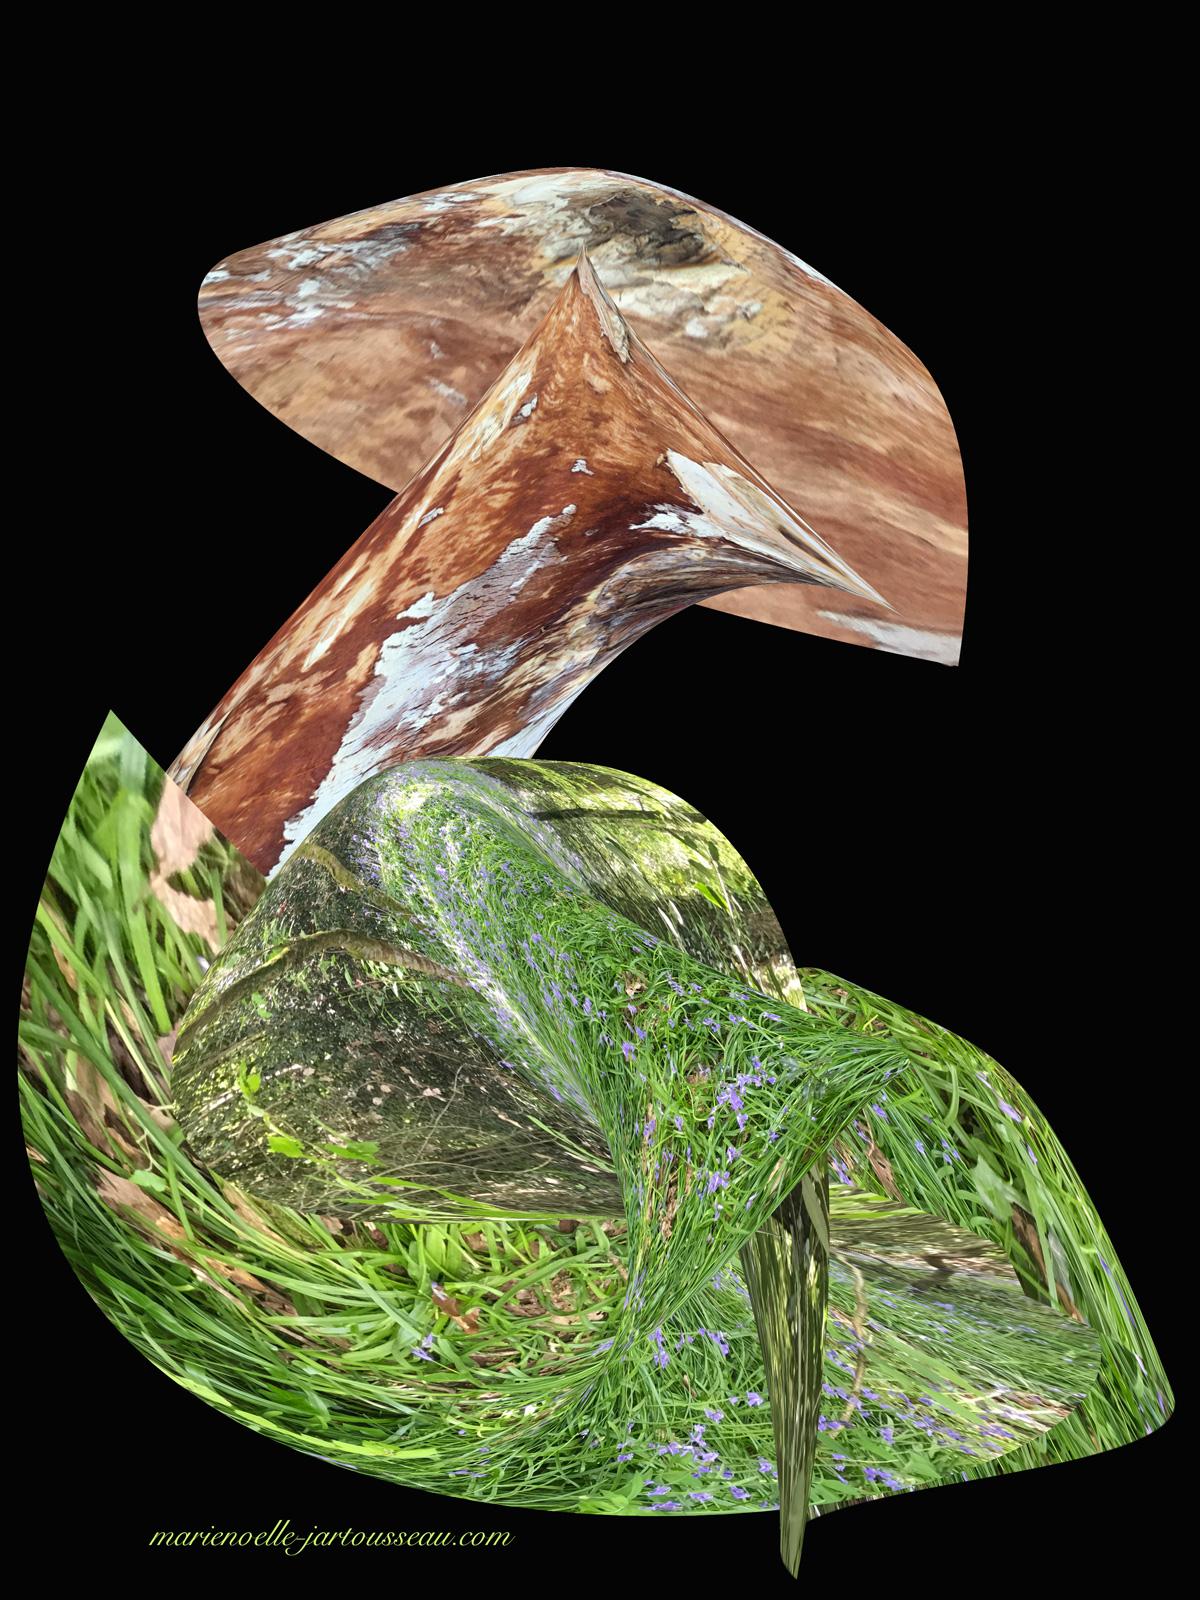 champignon dans son écrin de verdure